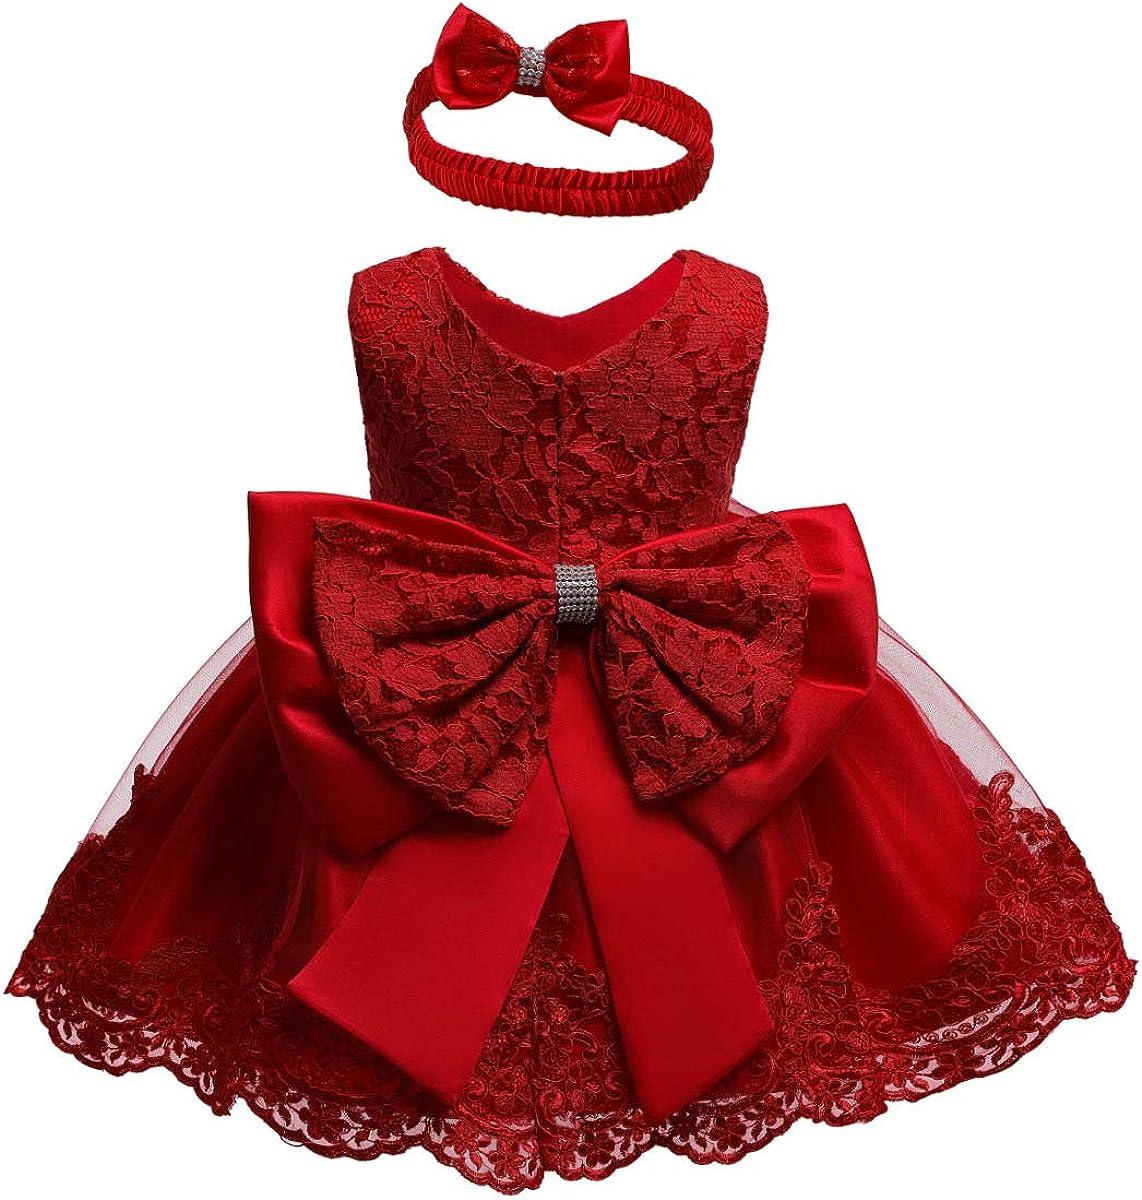 Vestido de Bautizo + Diadema Recién Nacido Bebés sin Mangas Verano Transpirable Traje de Ceremonia Boda para Niñas Vestido de Princesa Elegante con Lazos Cumpleaños